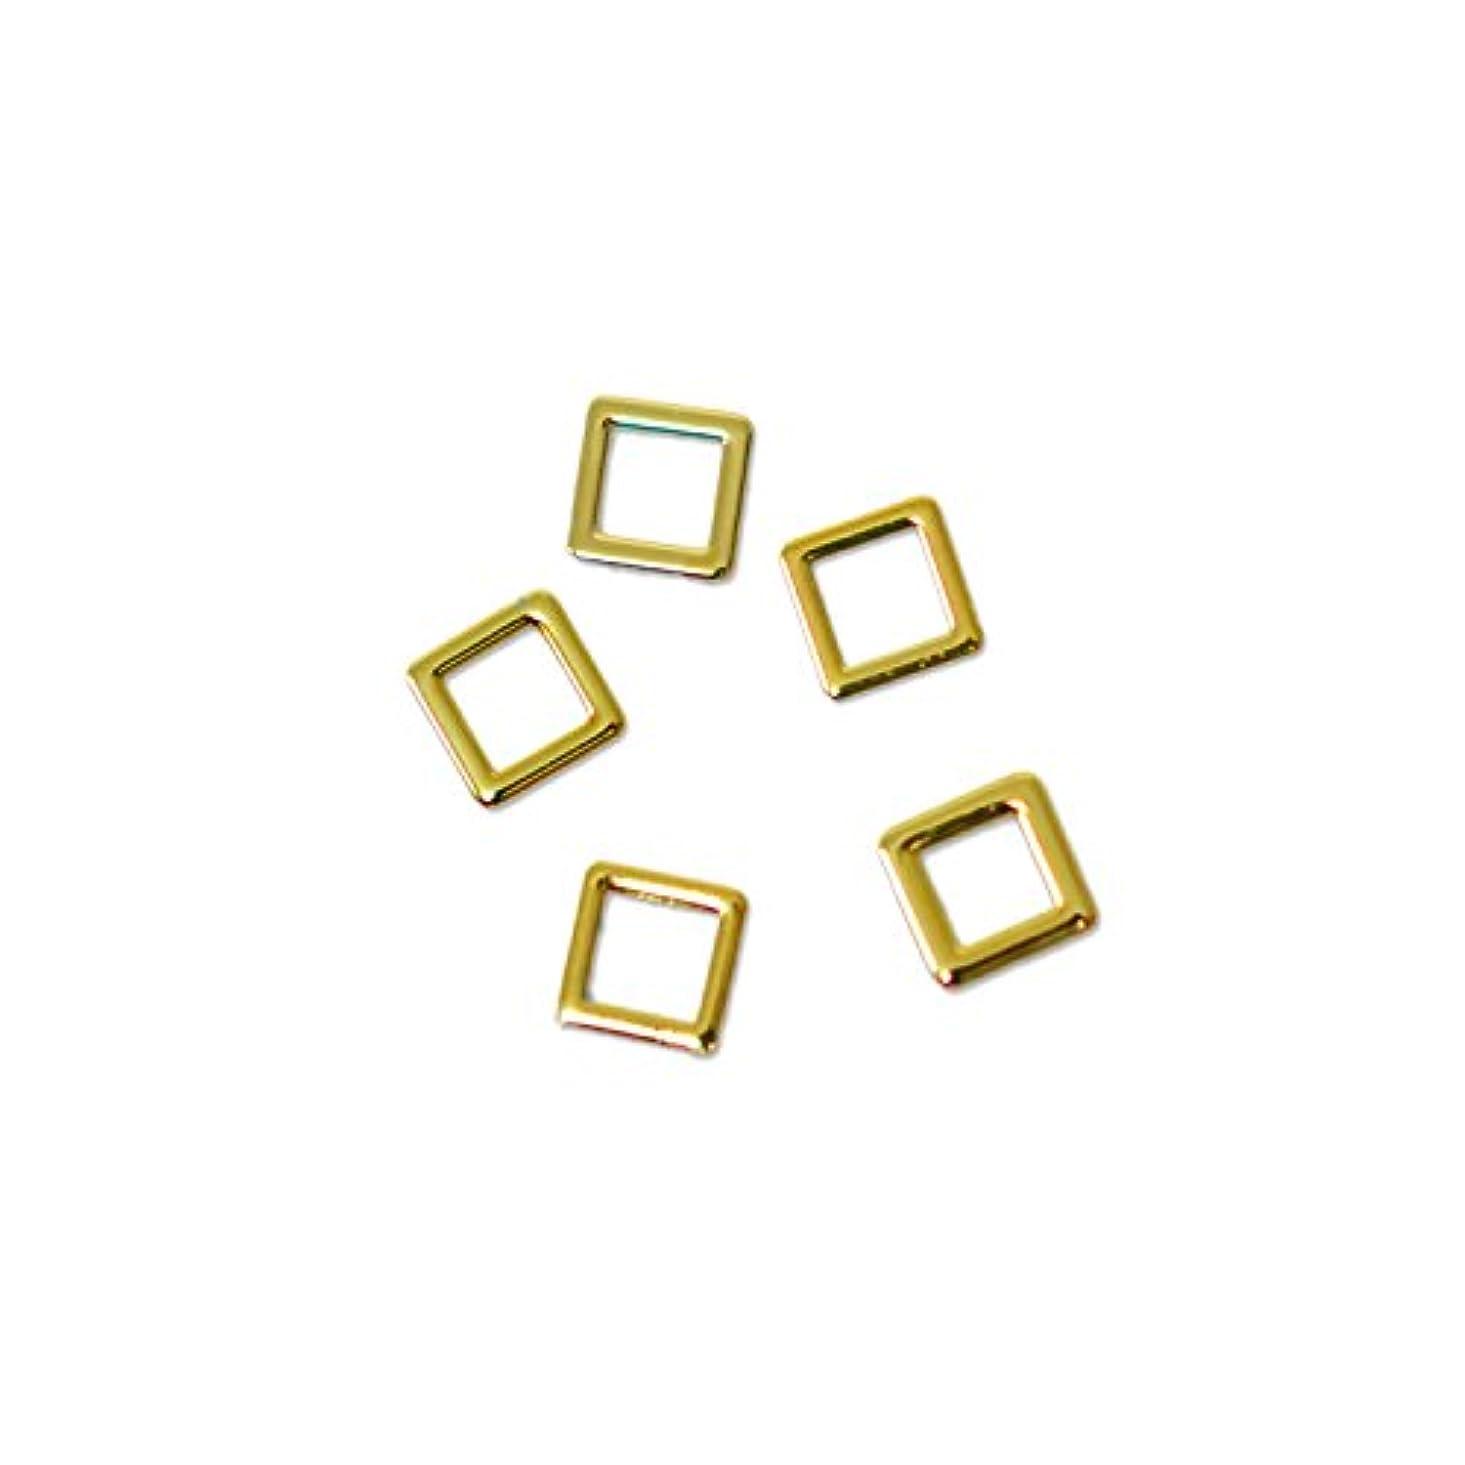 酔った遊びますやめる薄型メタルパーツ10001 スクエア 約3mm(内寸約2mm) ゴールド 20個入り 片面仕上